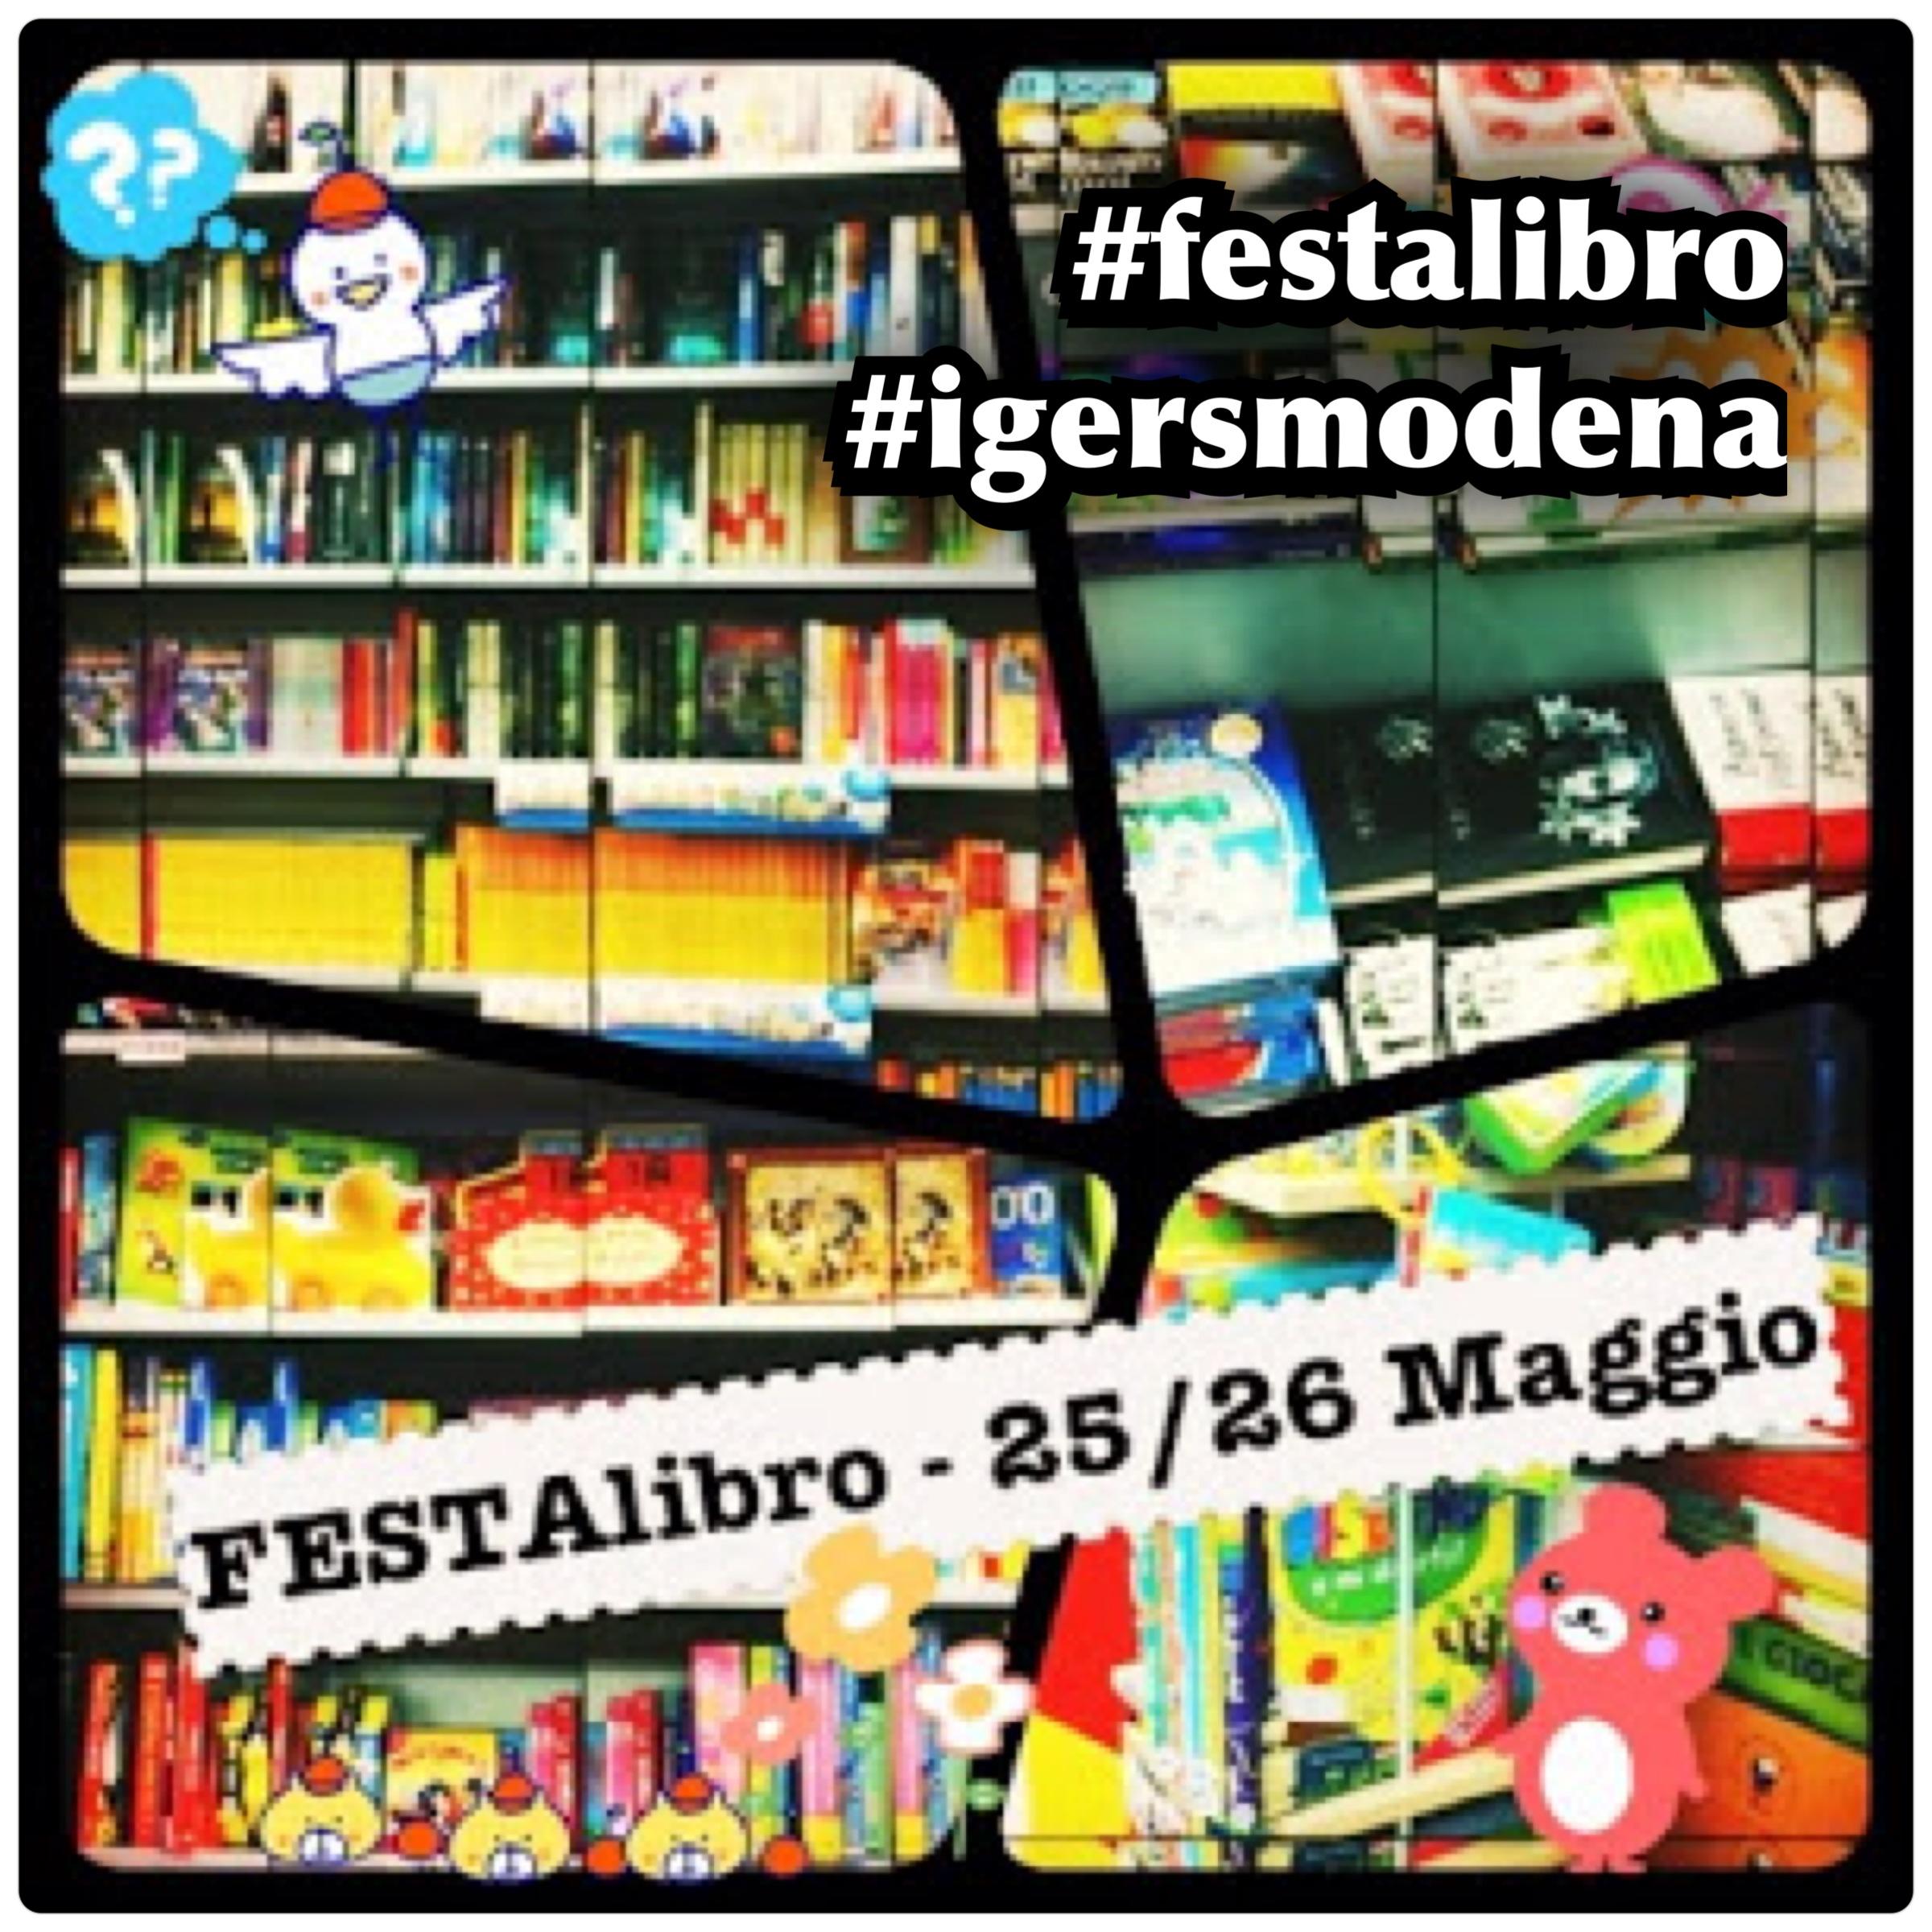 Mettetevi in mostra a Festalibro con IgersModena